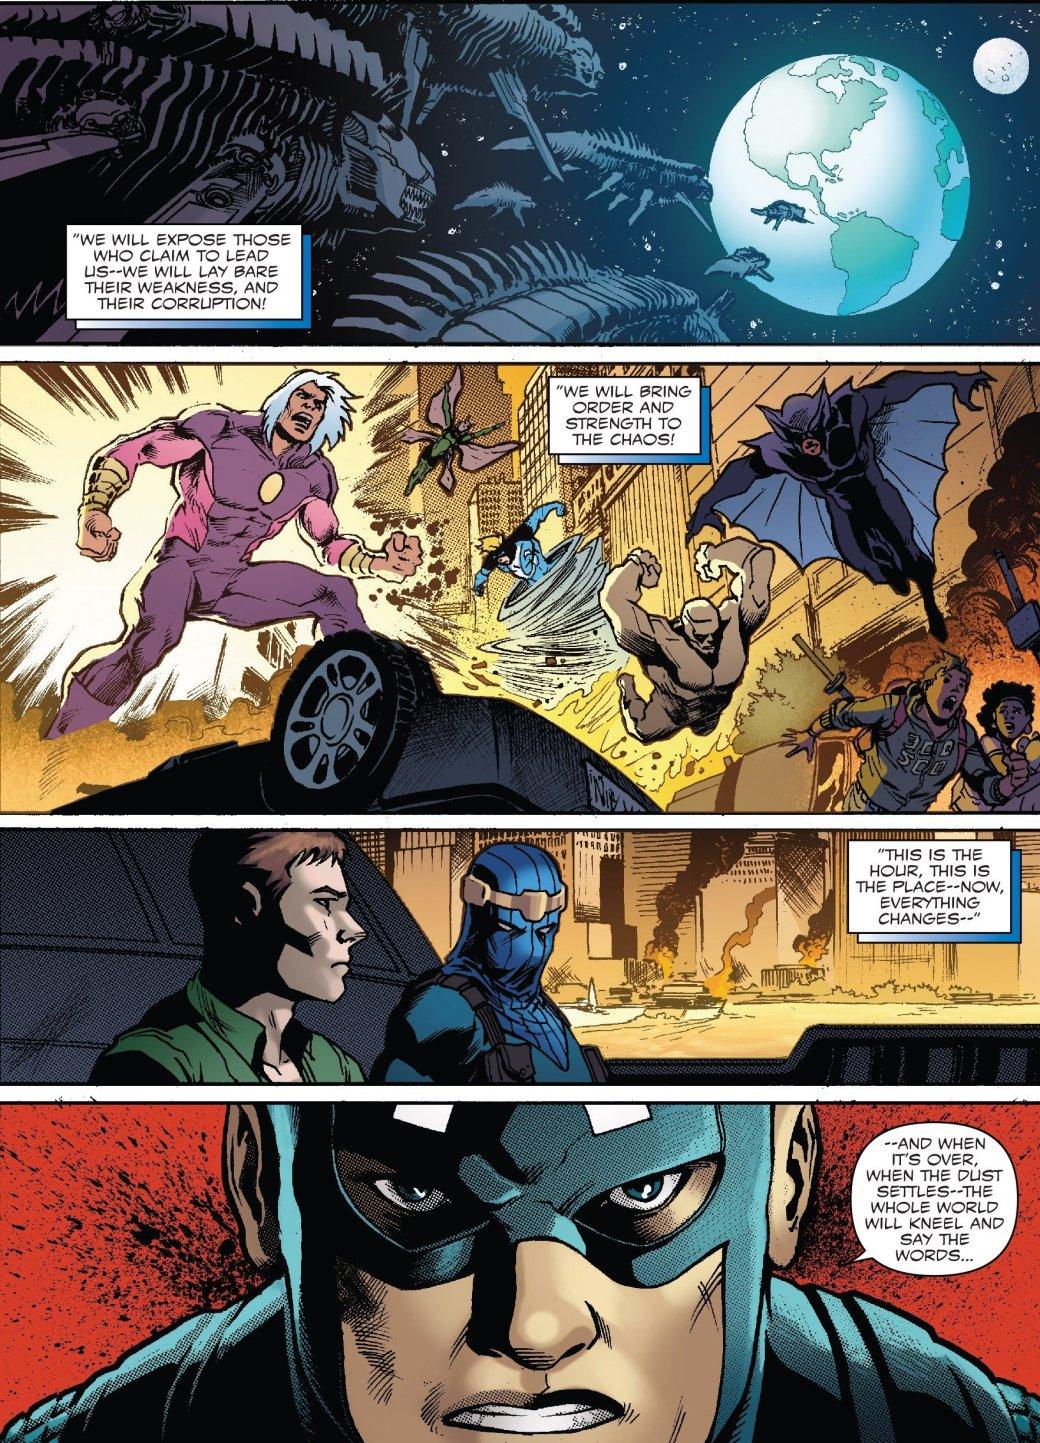 Почему изКапитана Америка получился отличный суперзлодей? - Изображение 17